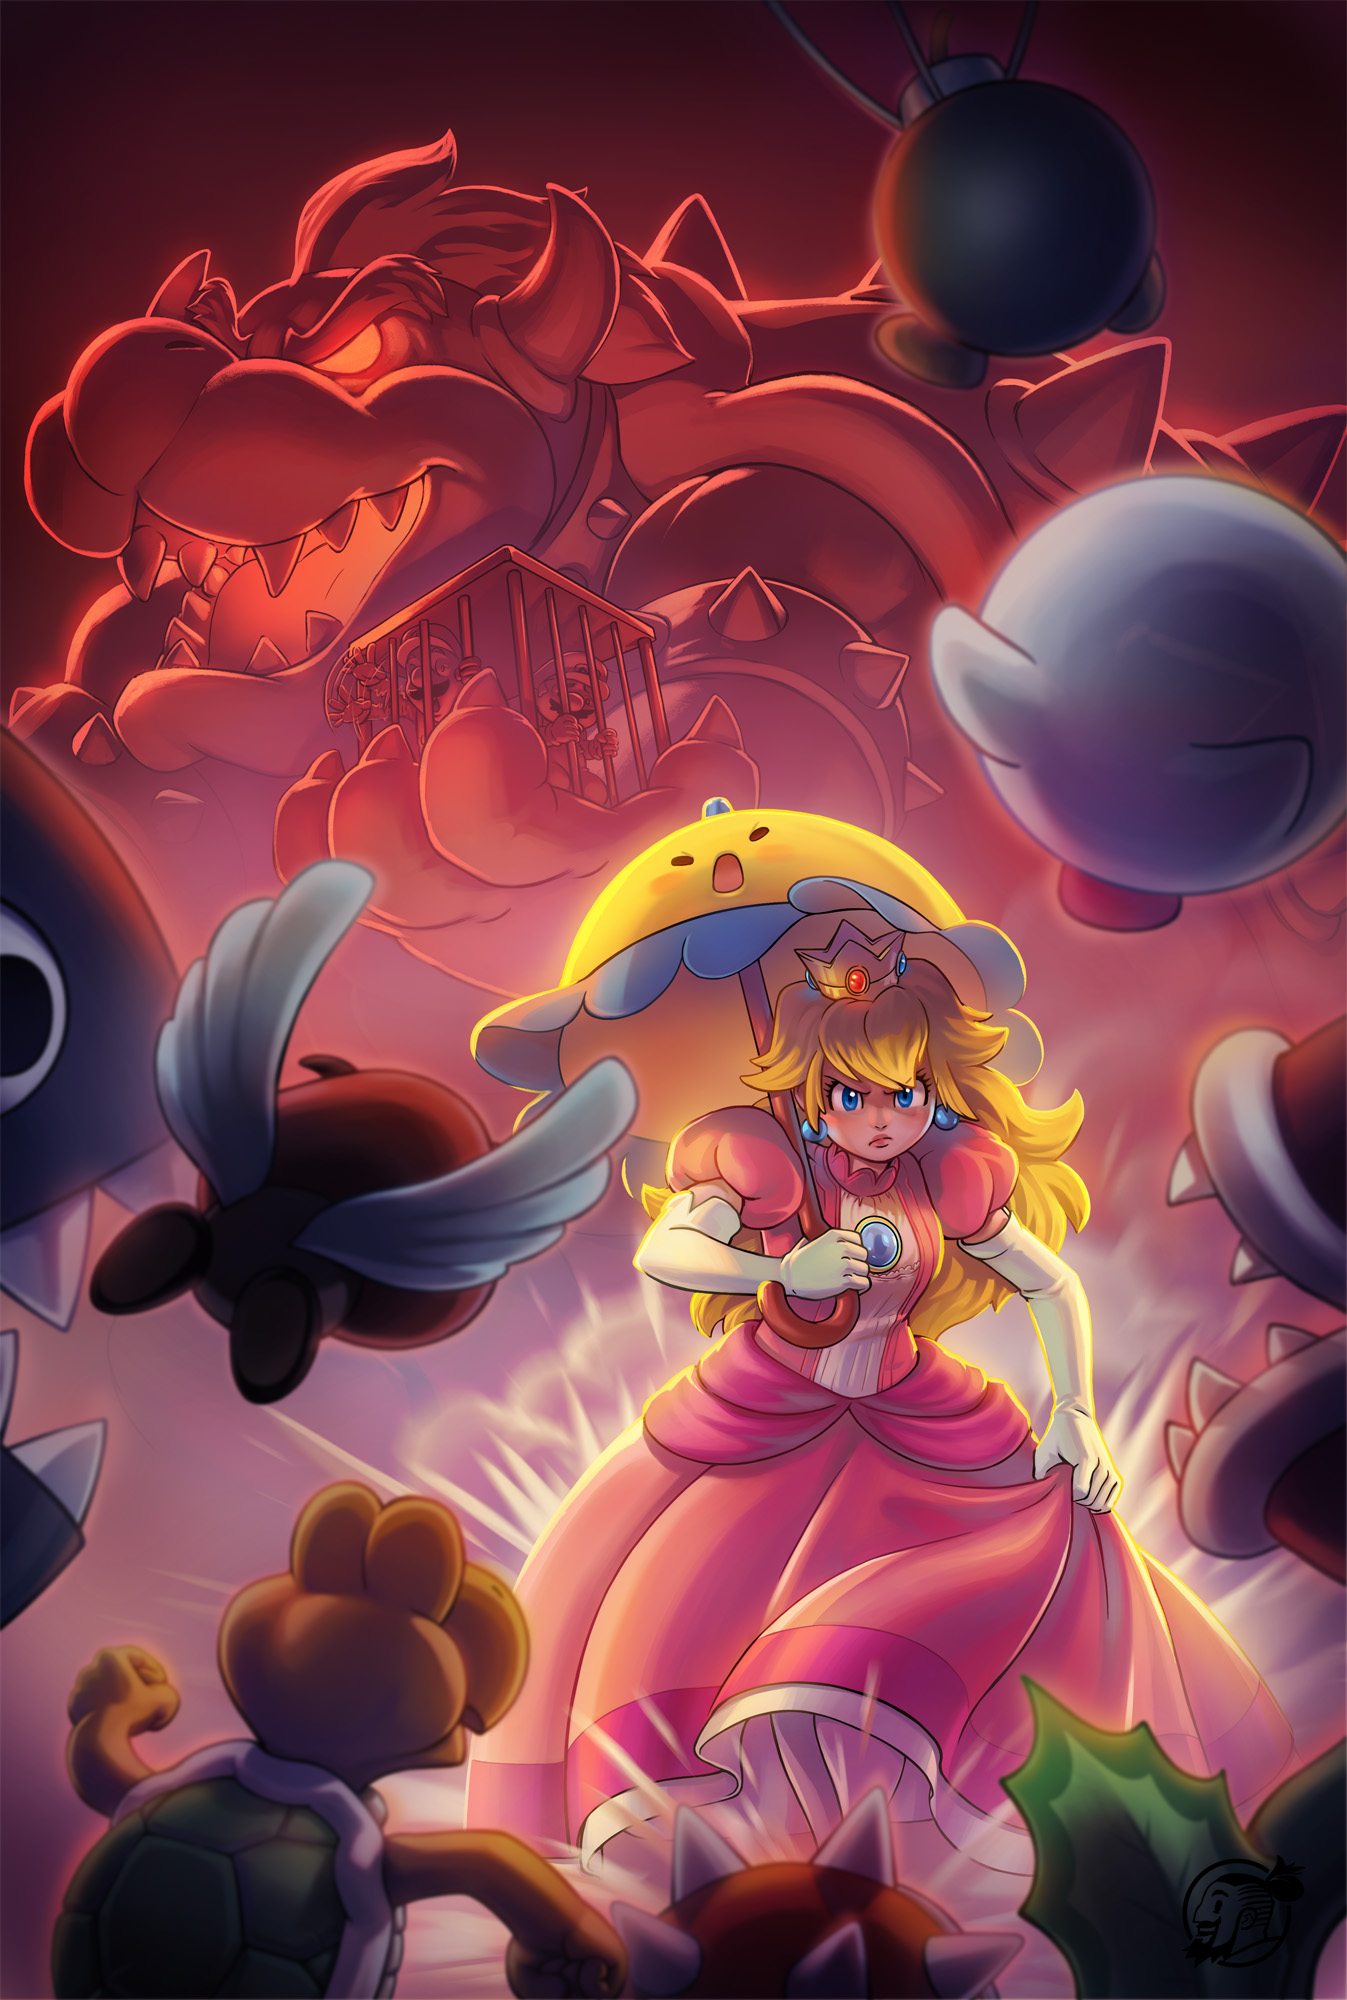 Super Princess Peach DS by estivador